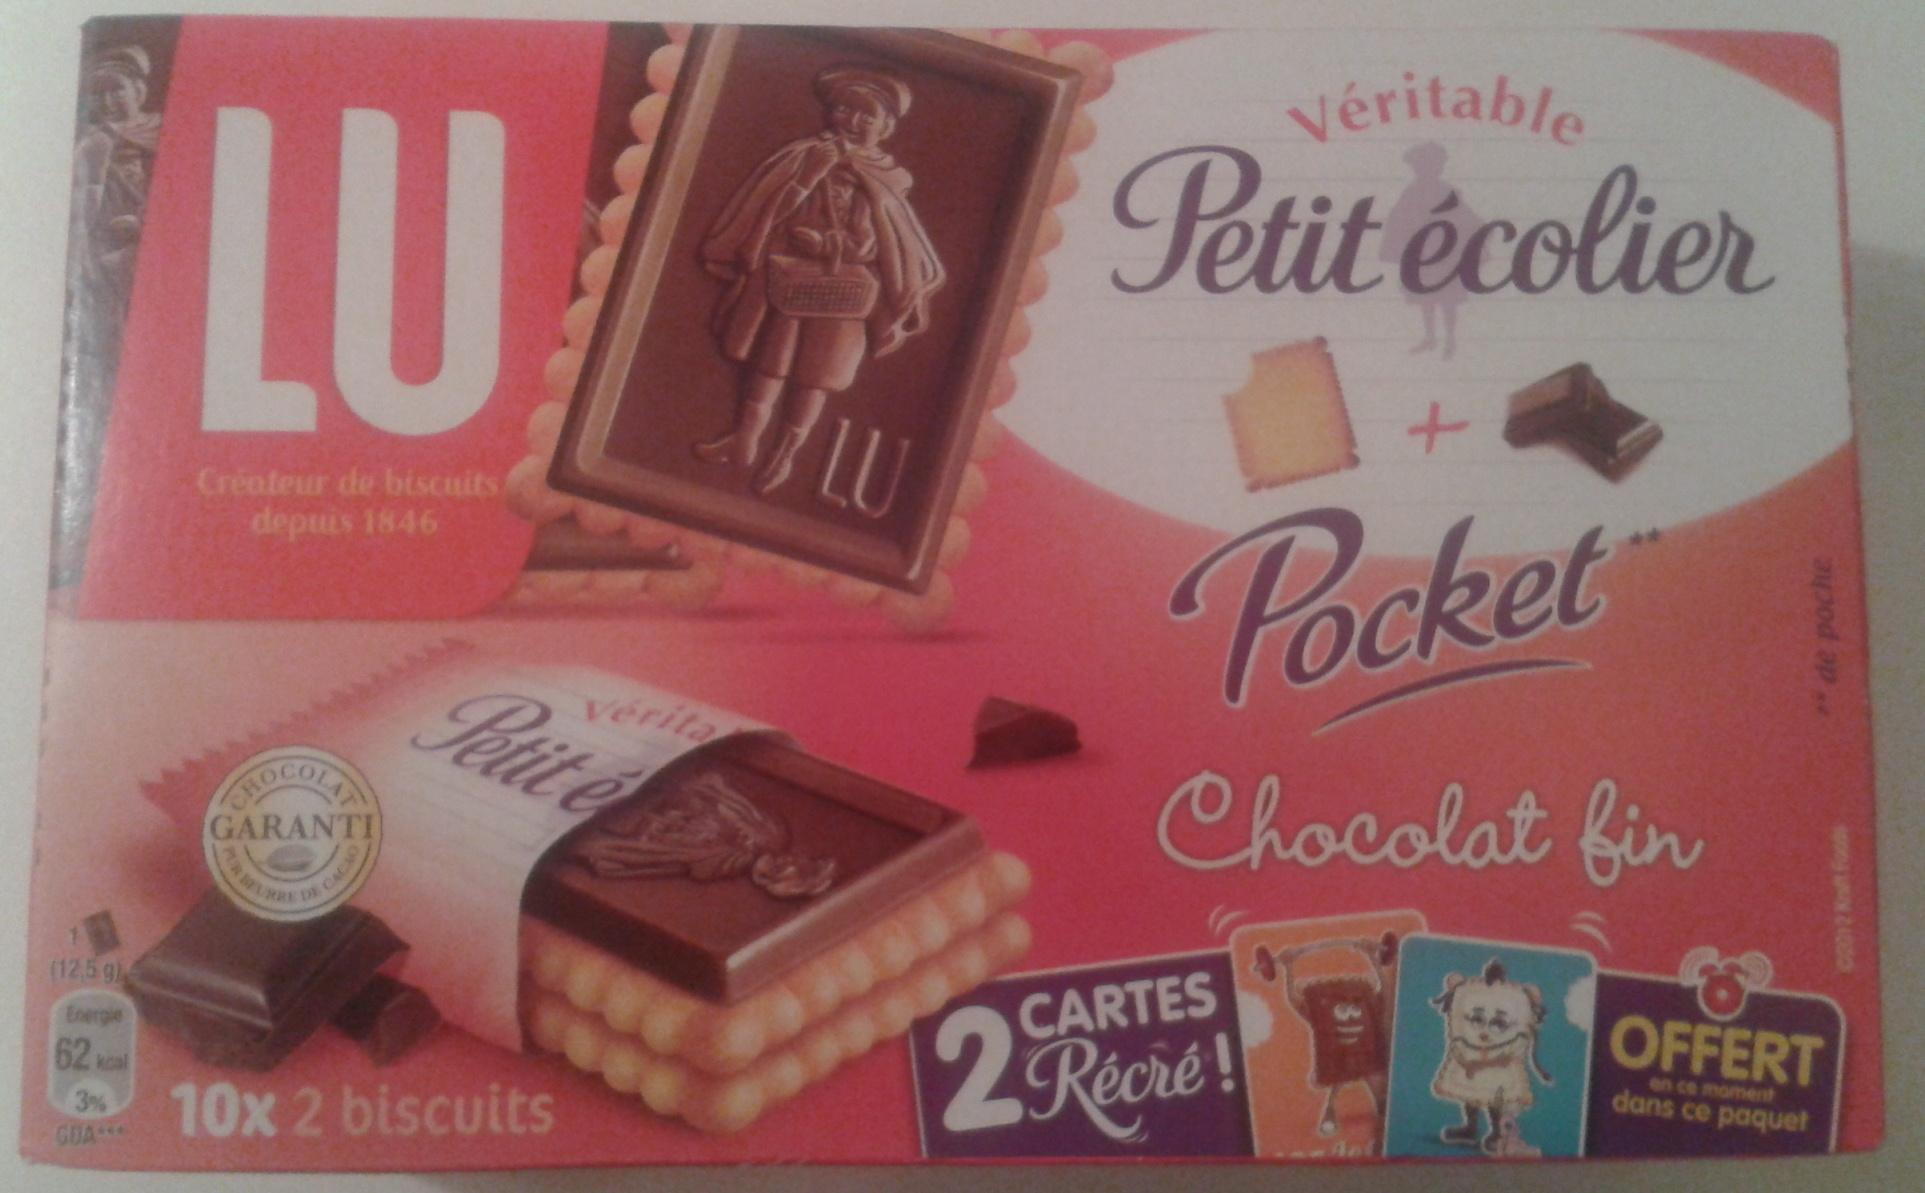 Véritable Petit Ecolier Pocket - Produit